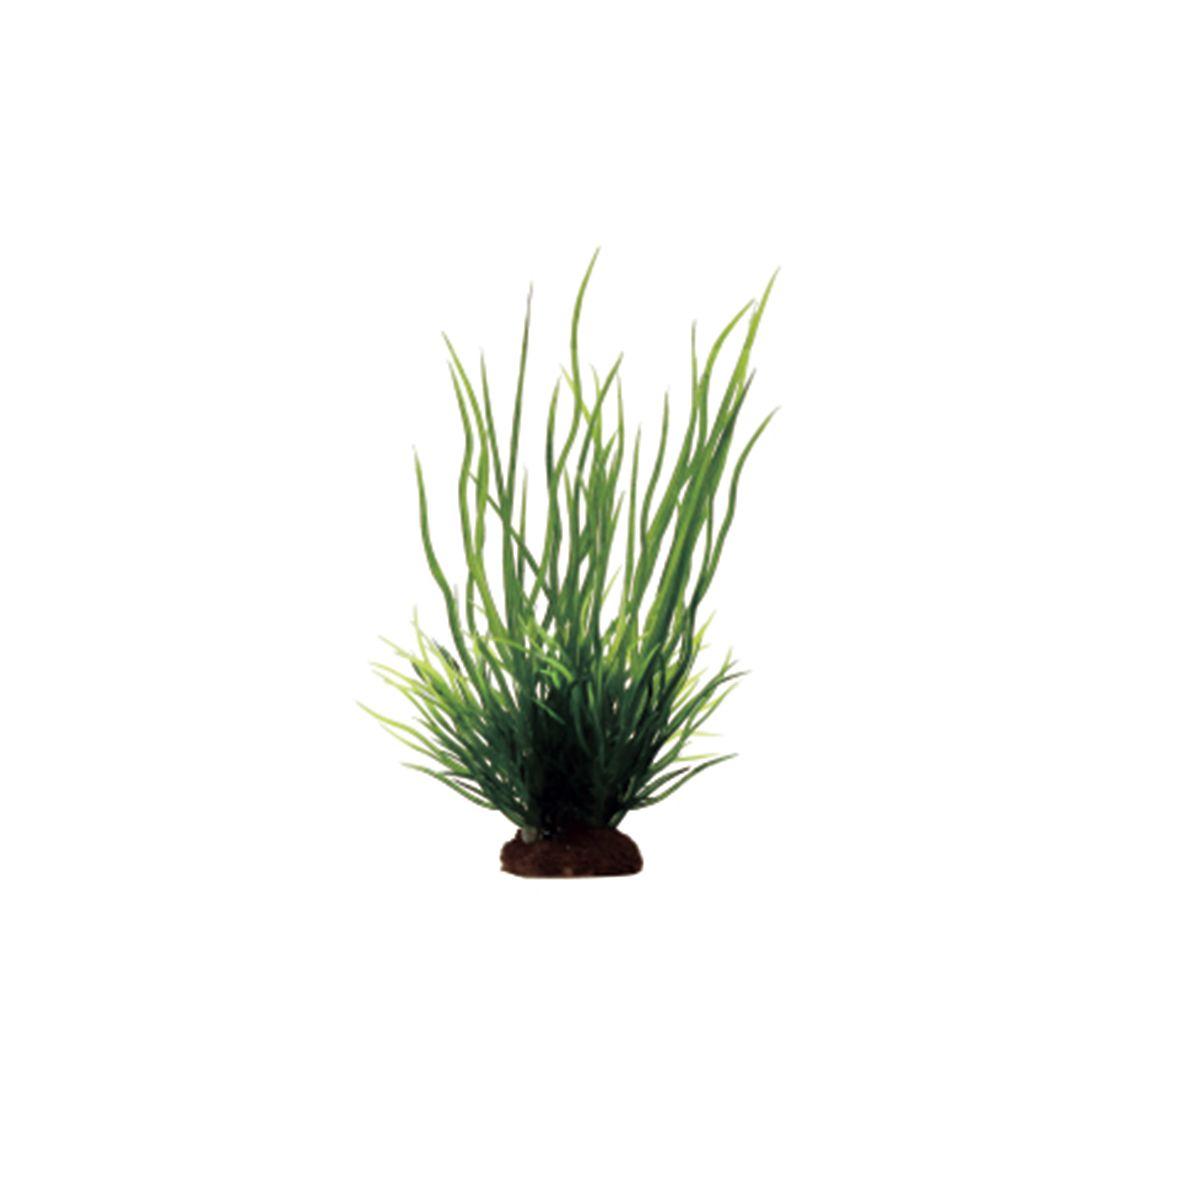 Растение для аквариума ArtUniq Ситняг, высота 10 см, 6 штART-1170517Растение для аквариума ArtUniq Ситняг, высота 10 см, 6 шт